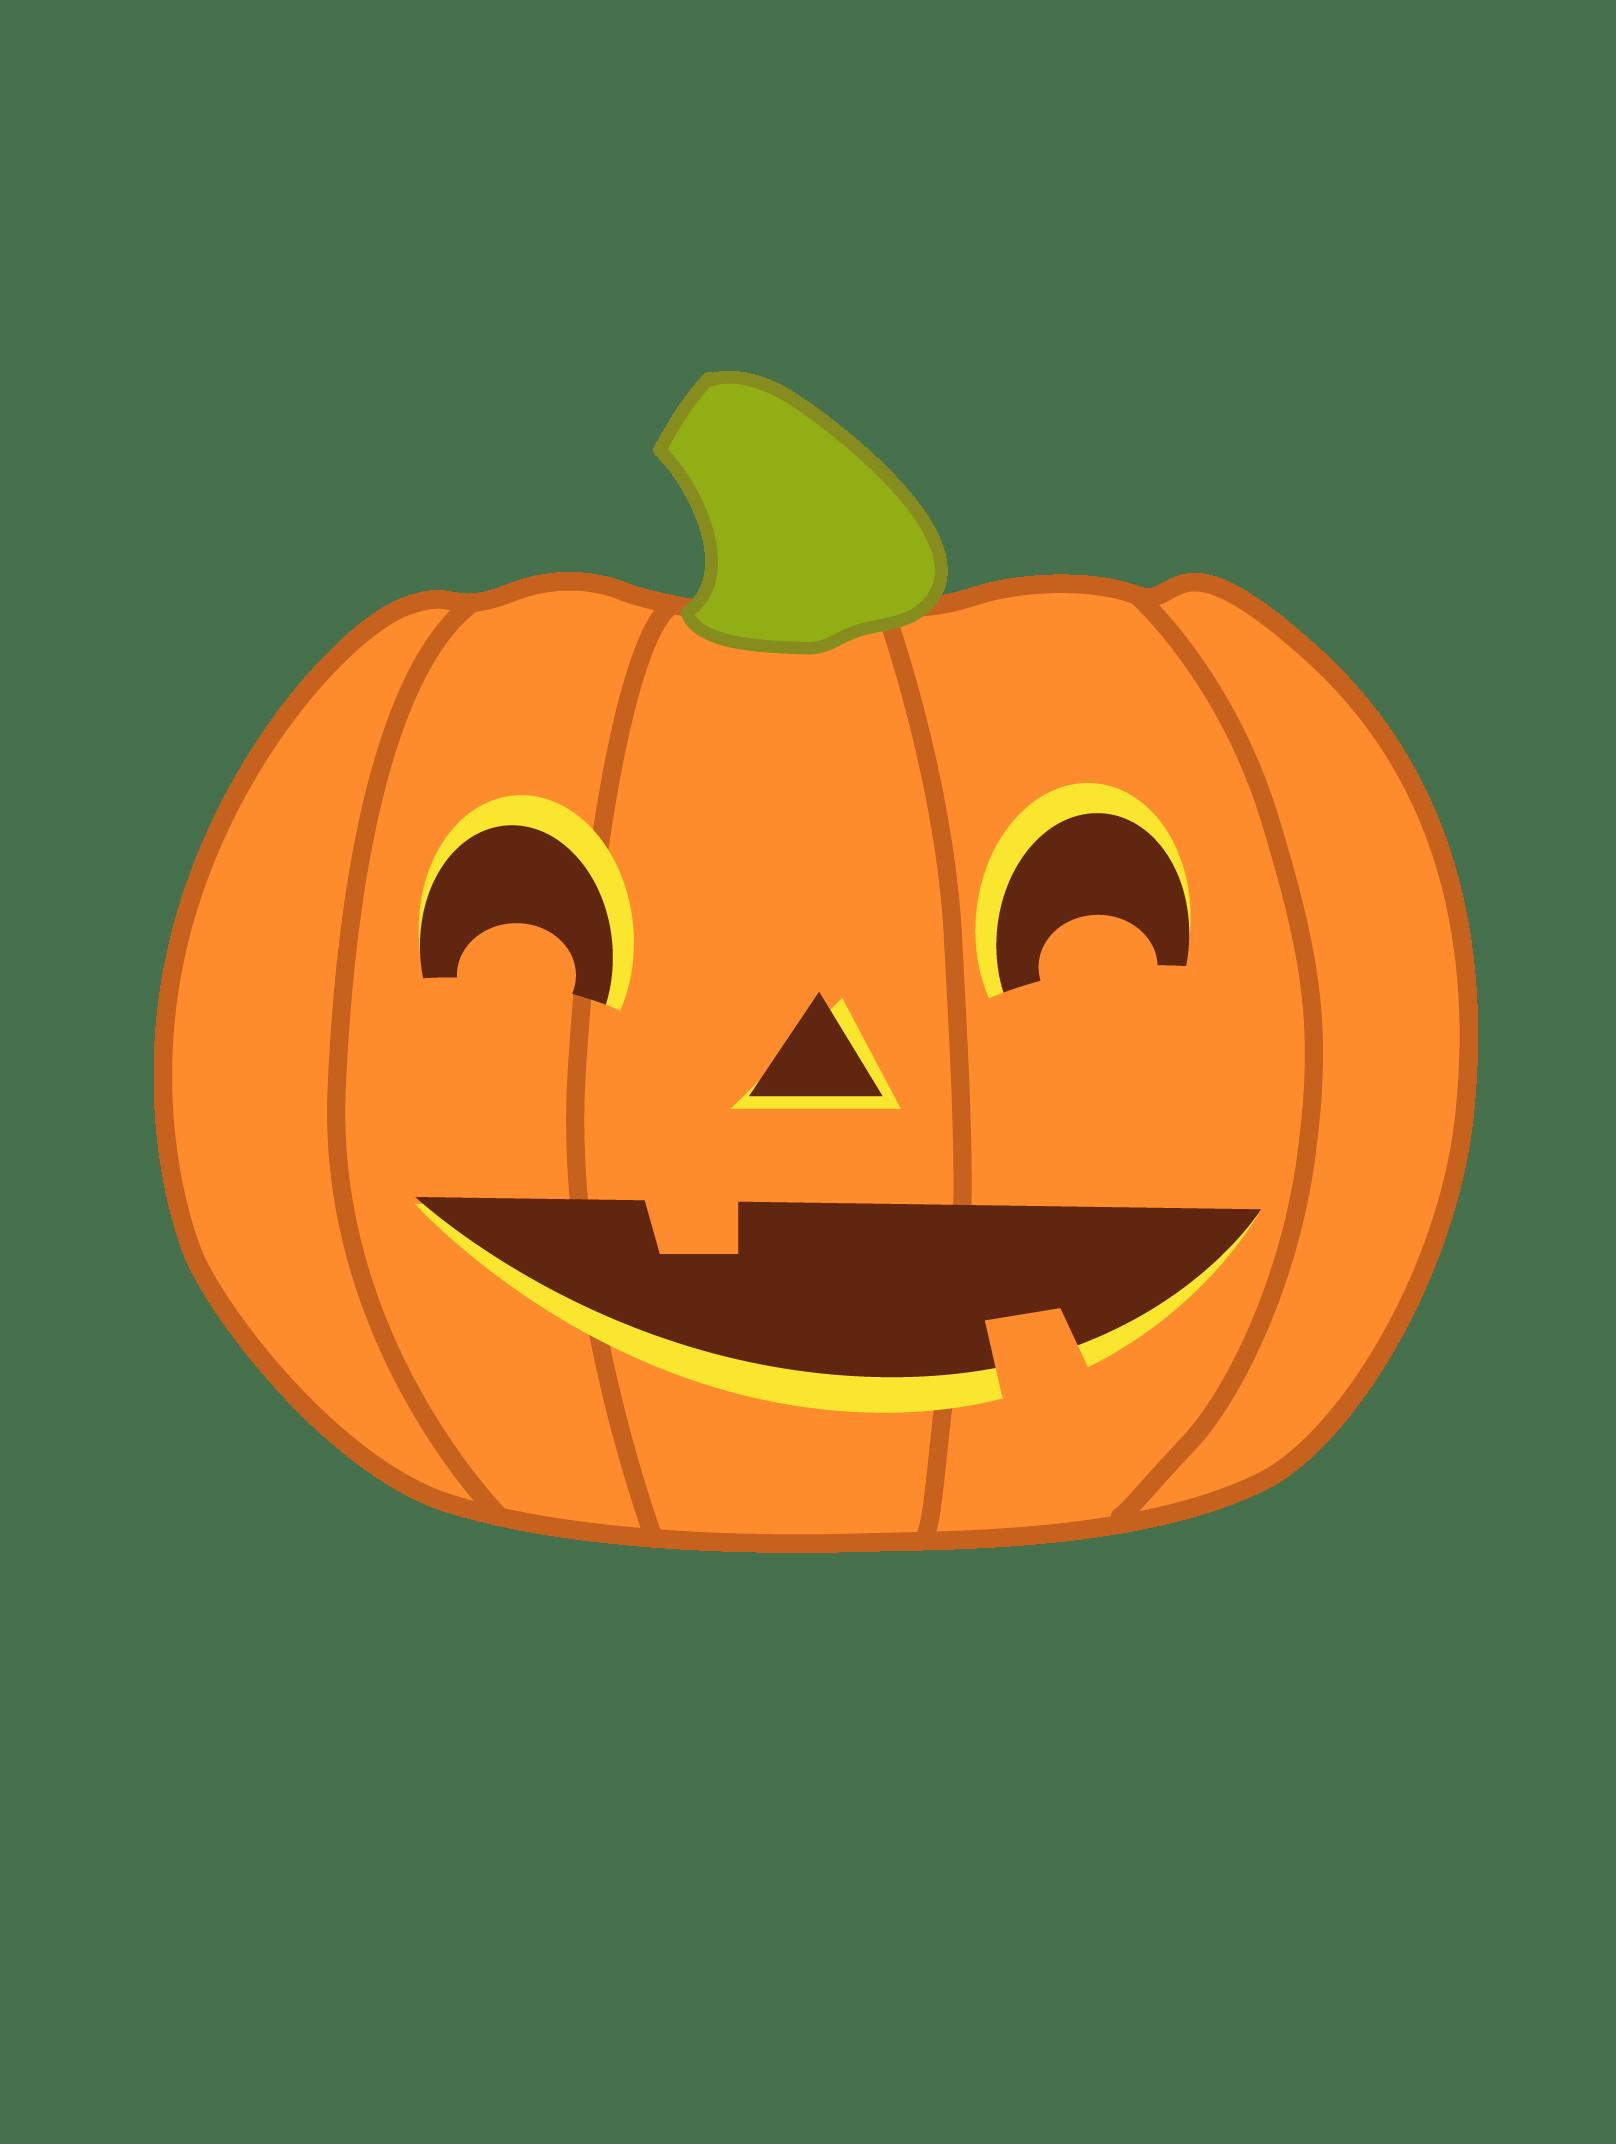 Baby Pumpkin Clipart : pumpkin, clipart, Library, Badass, Pumpkin, Transparent, Files, ▻▻▻, Clipart